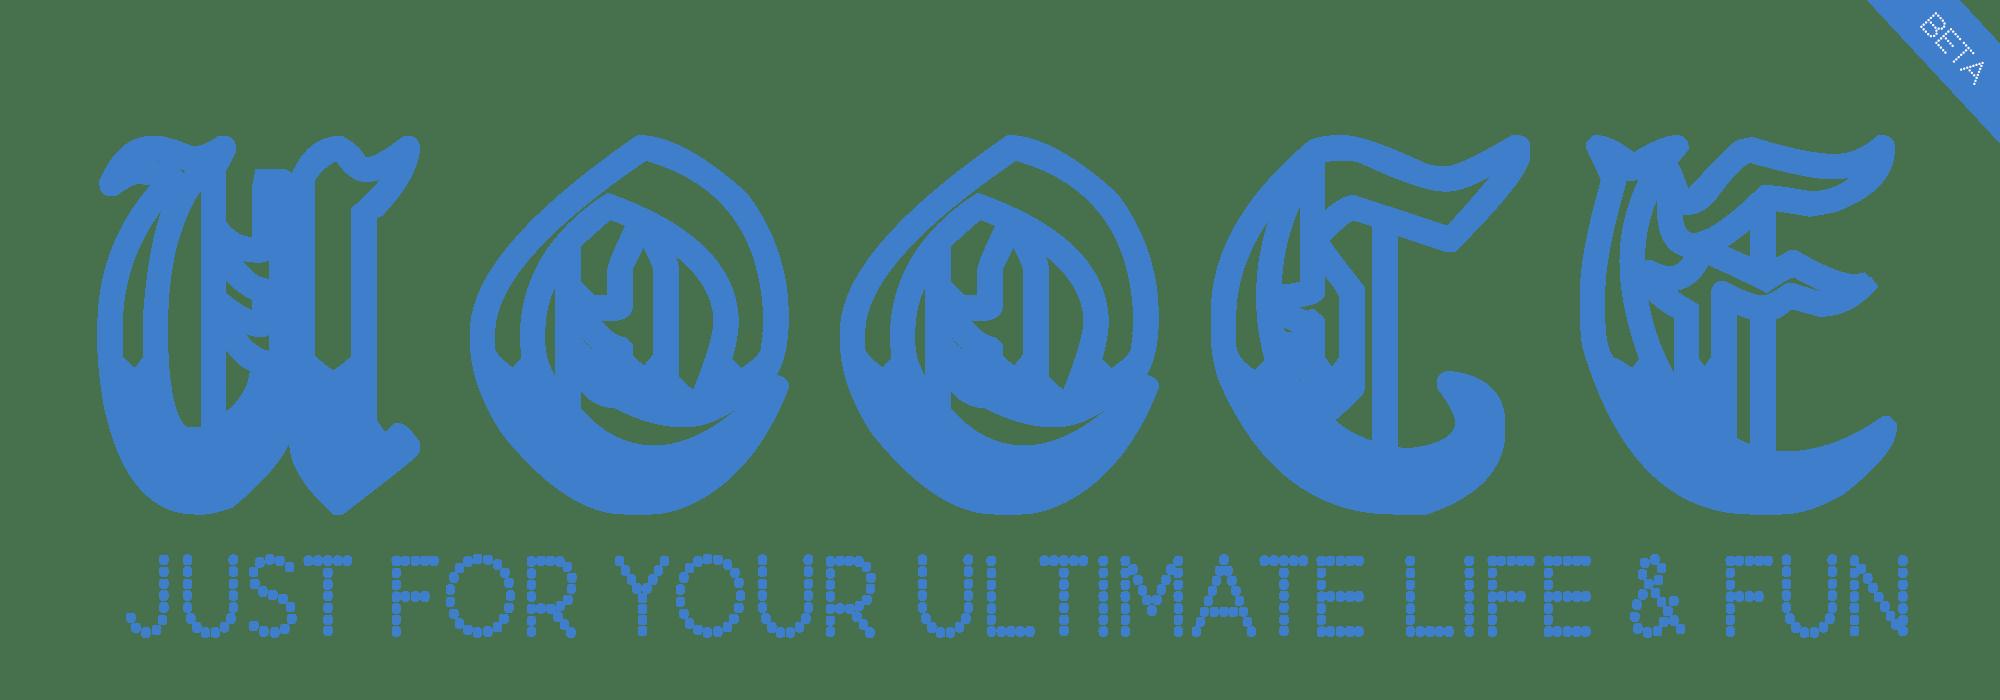 Uooce Blog